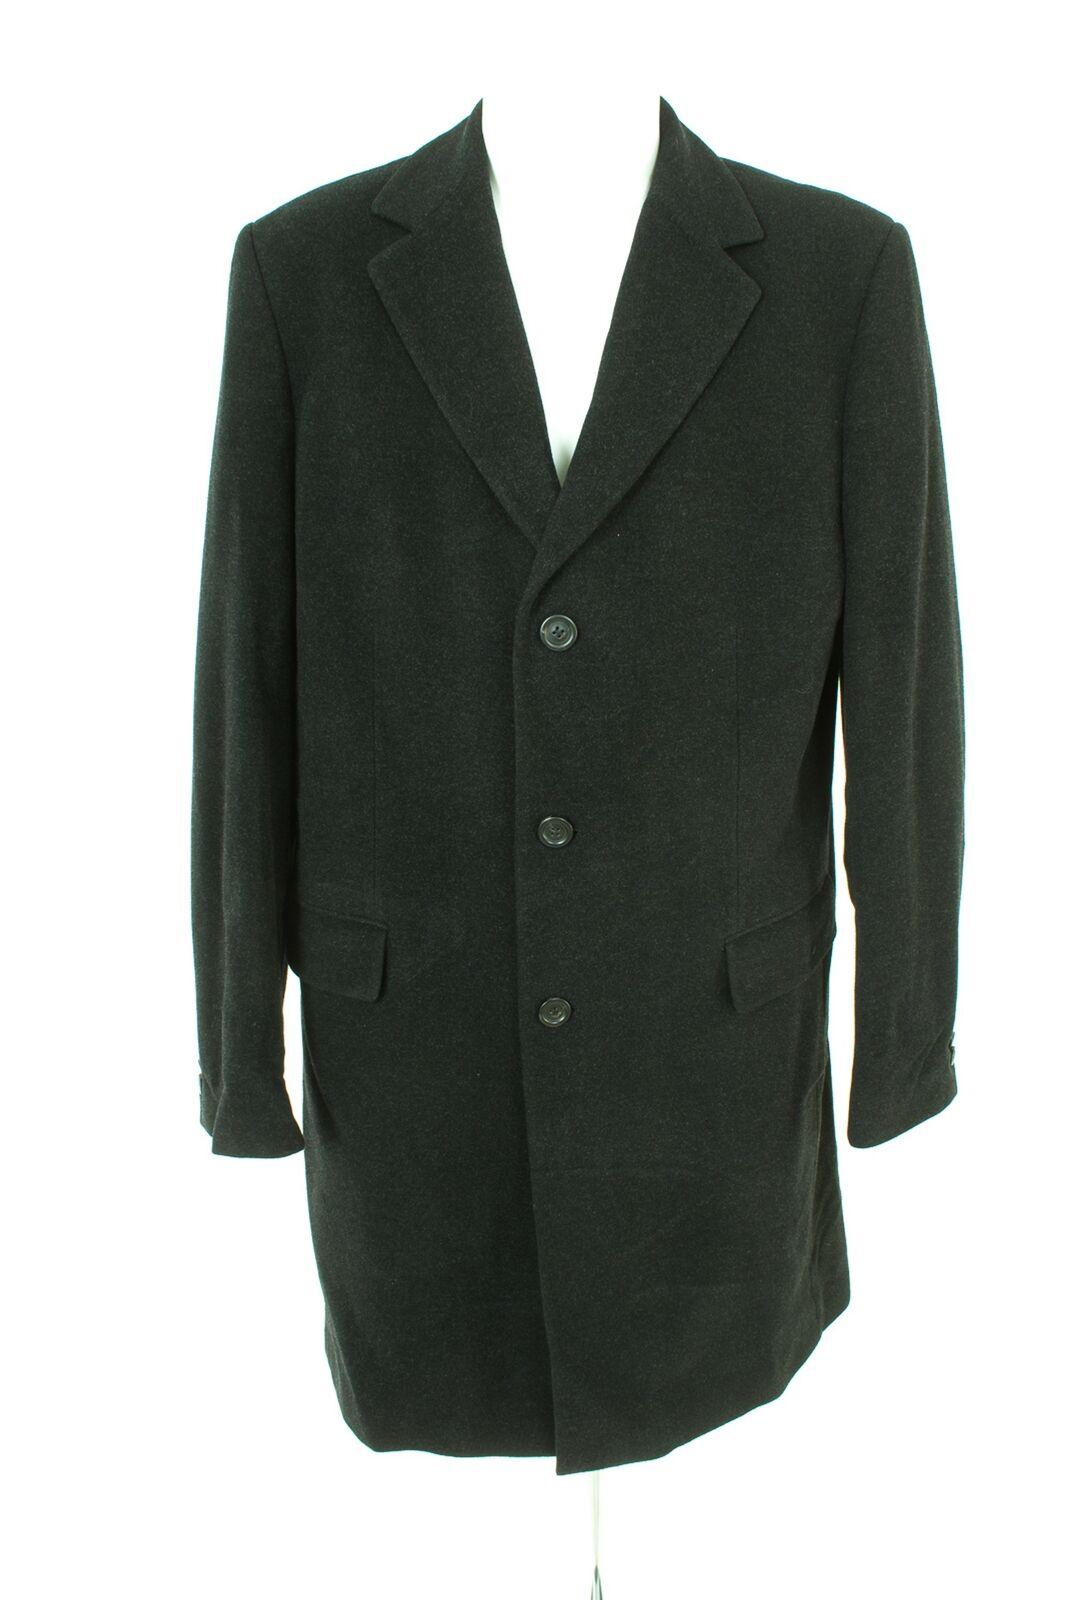 JOOP   Mantel Coat Trenchcoat  Wolle  Herren GR. 102 in Schwarzgrau